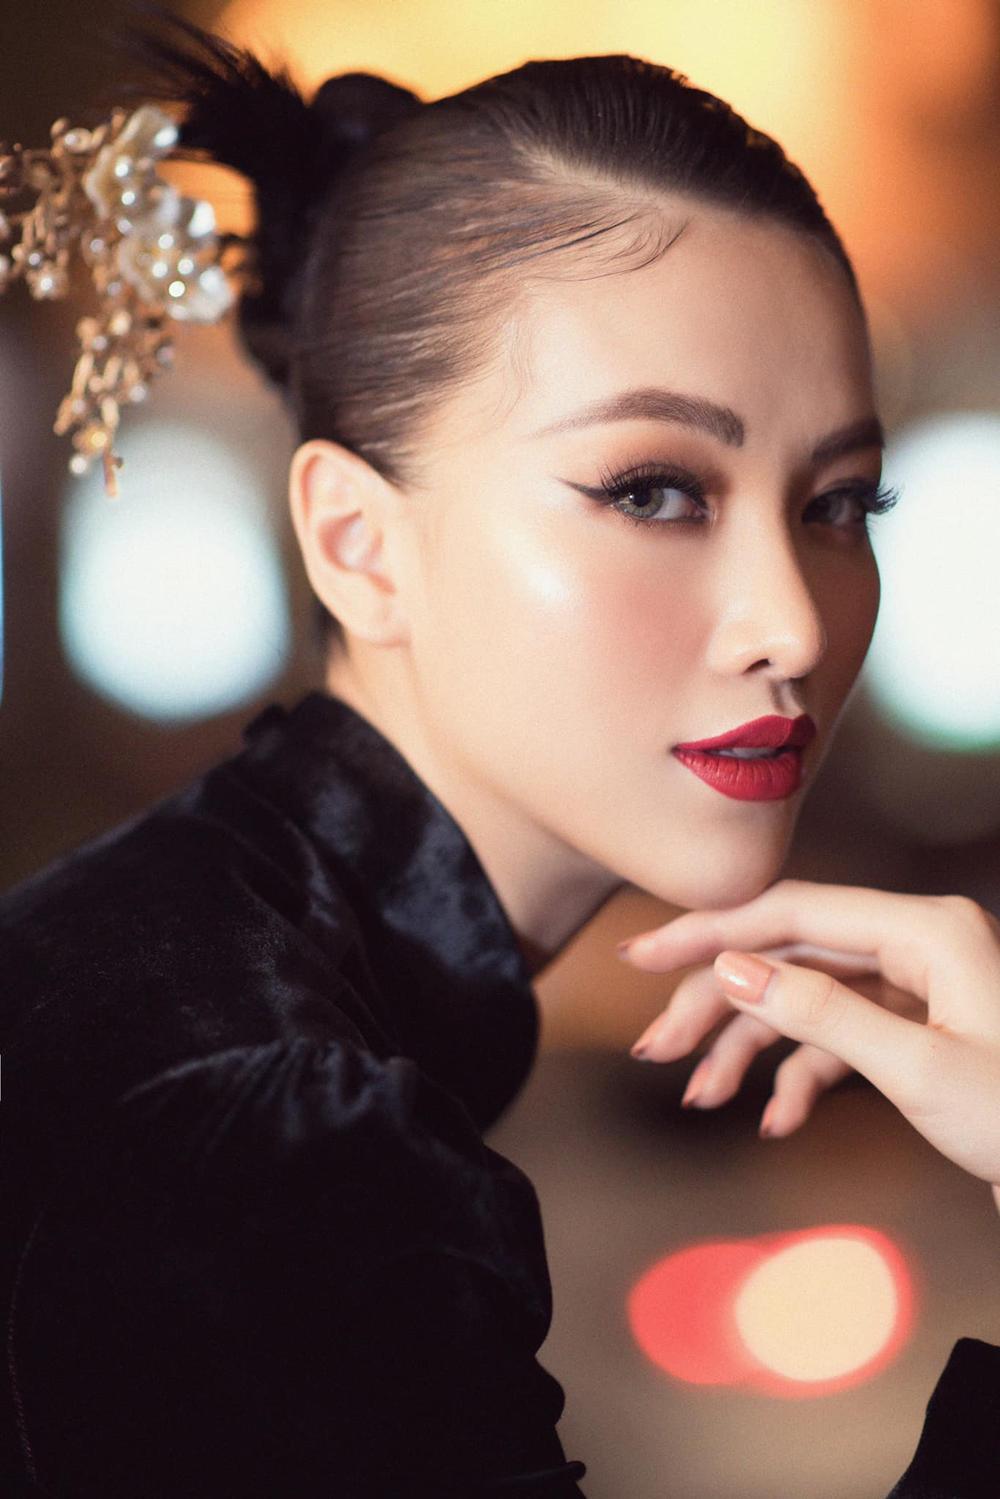 Sức hút mạnh mẽ của 7 hoa hậu 9X độc thân: Minh Tú - Hoàng Thùy - H'Hen Niê xứng danh chiến binh sắc đẹp Ảnh 13